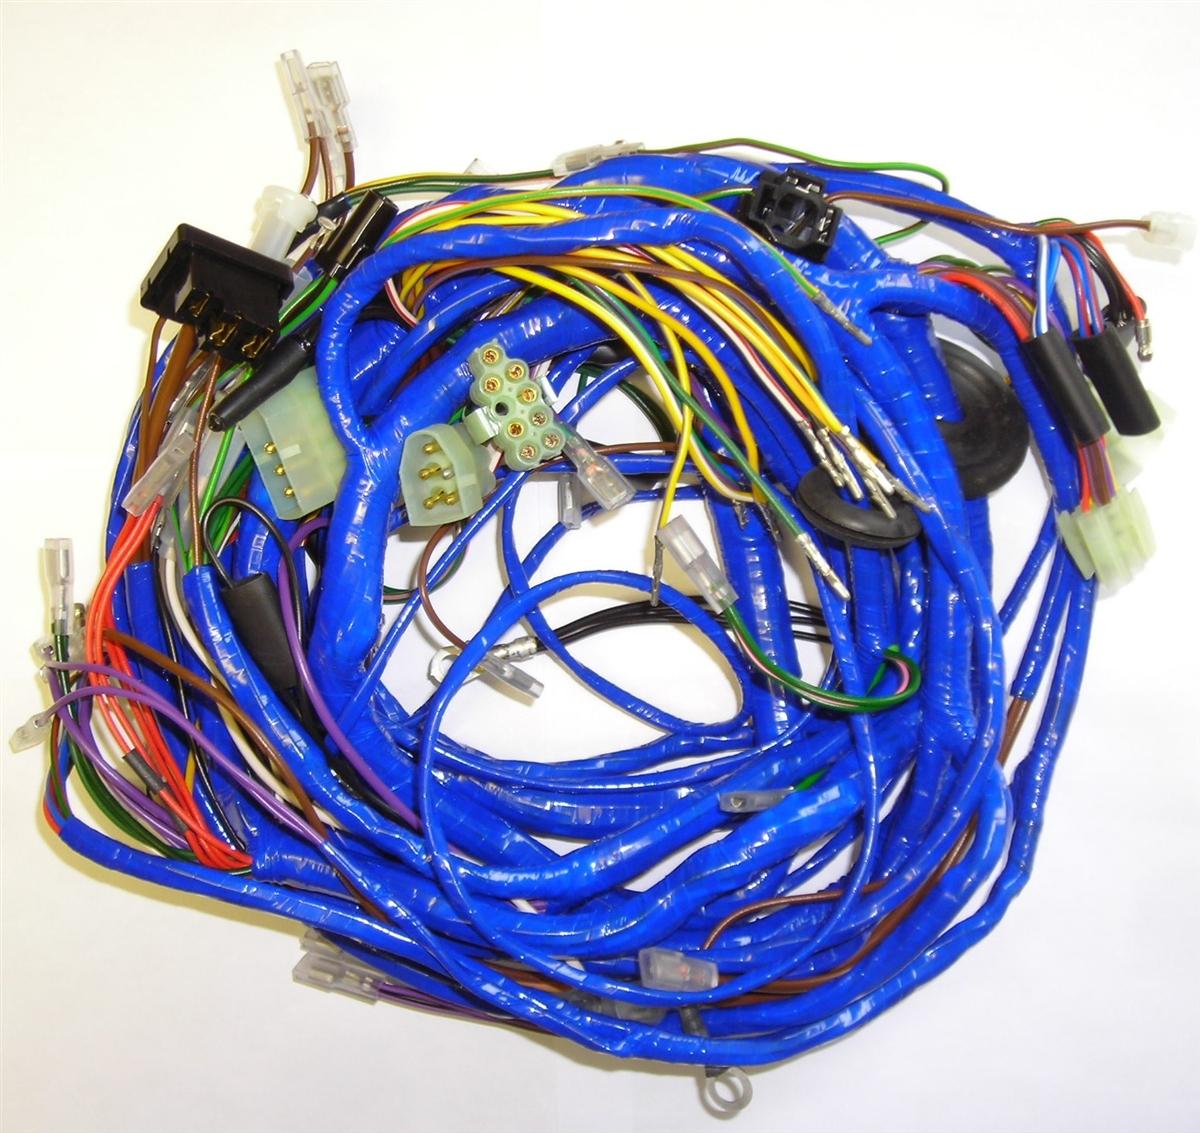 Main Wiring Harness MG MidgetBritish Wiring